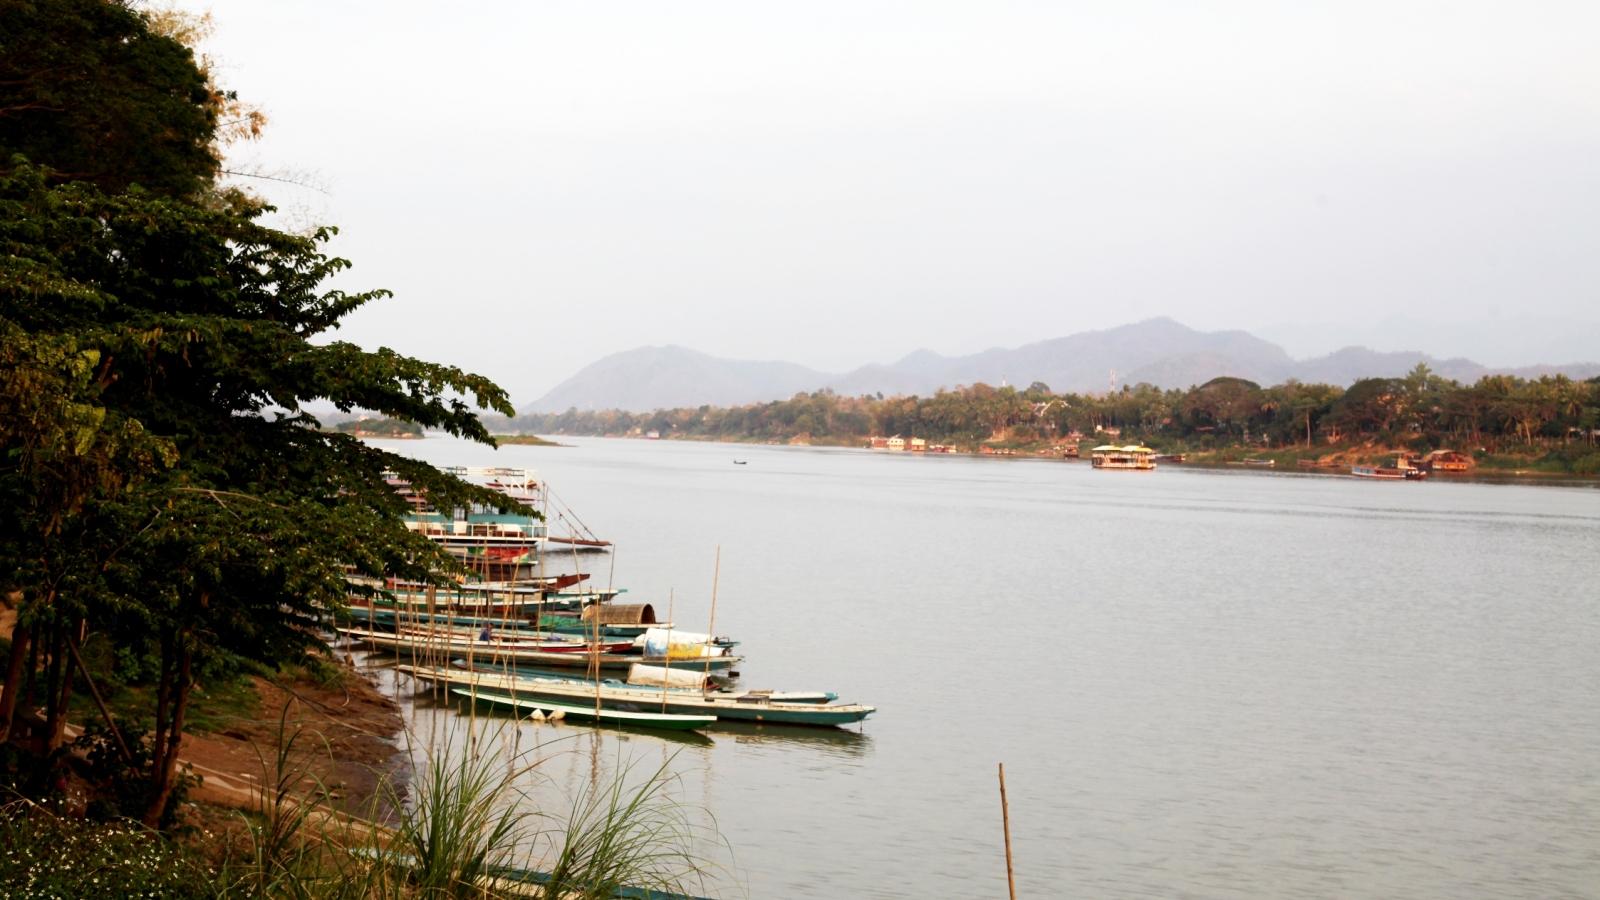 Mực nước sông Mekong tăng nhẹ